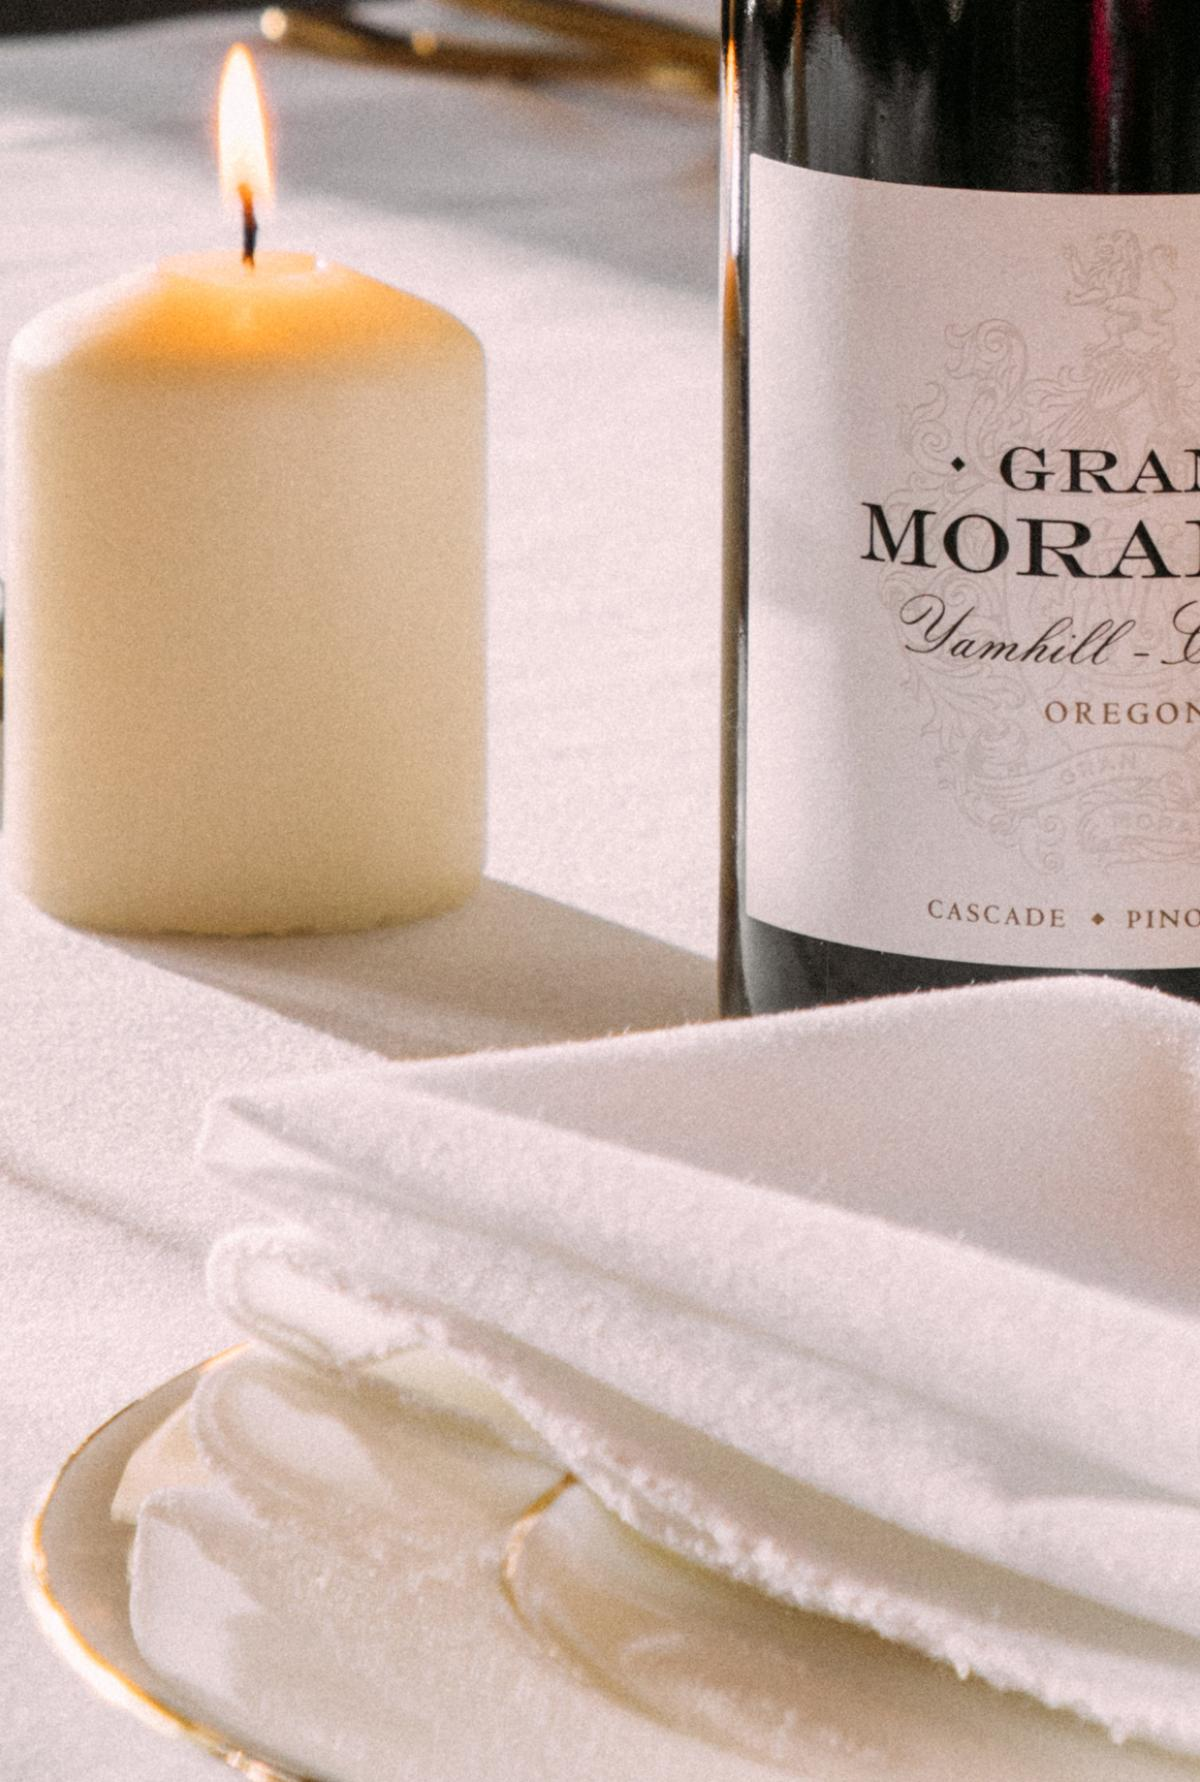 Bottle of Cascade Pinot Noir on a fancy table